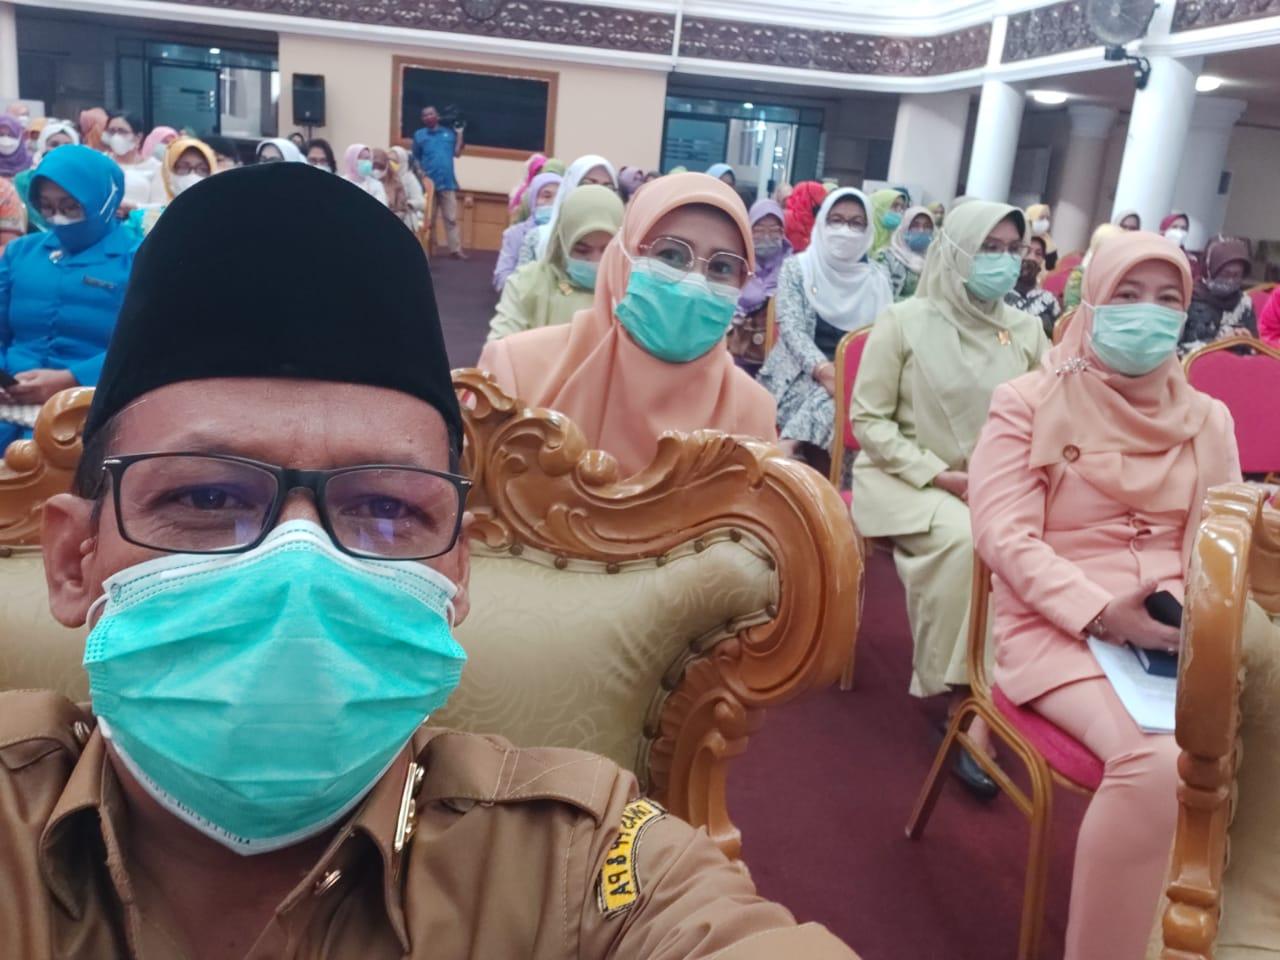 Rapat Persiapan Penilaian Anugrah Parahita Ekapraya (APE)